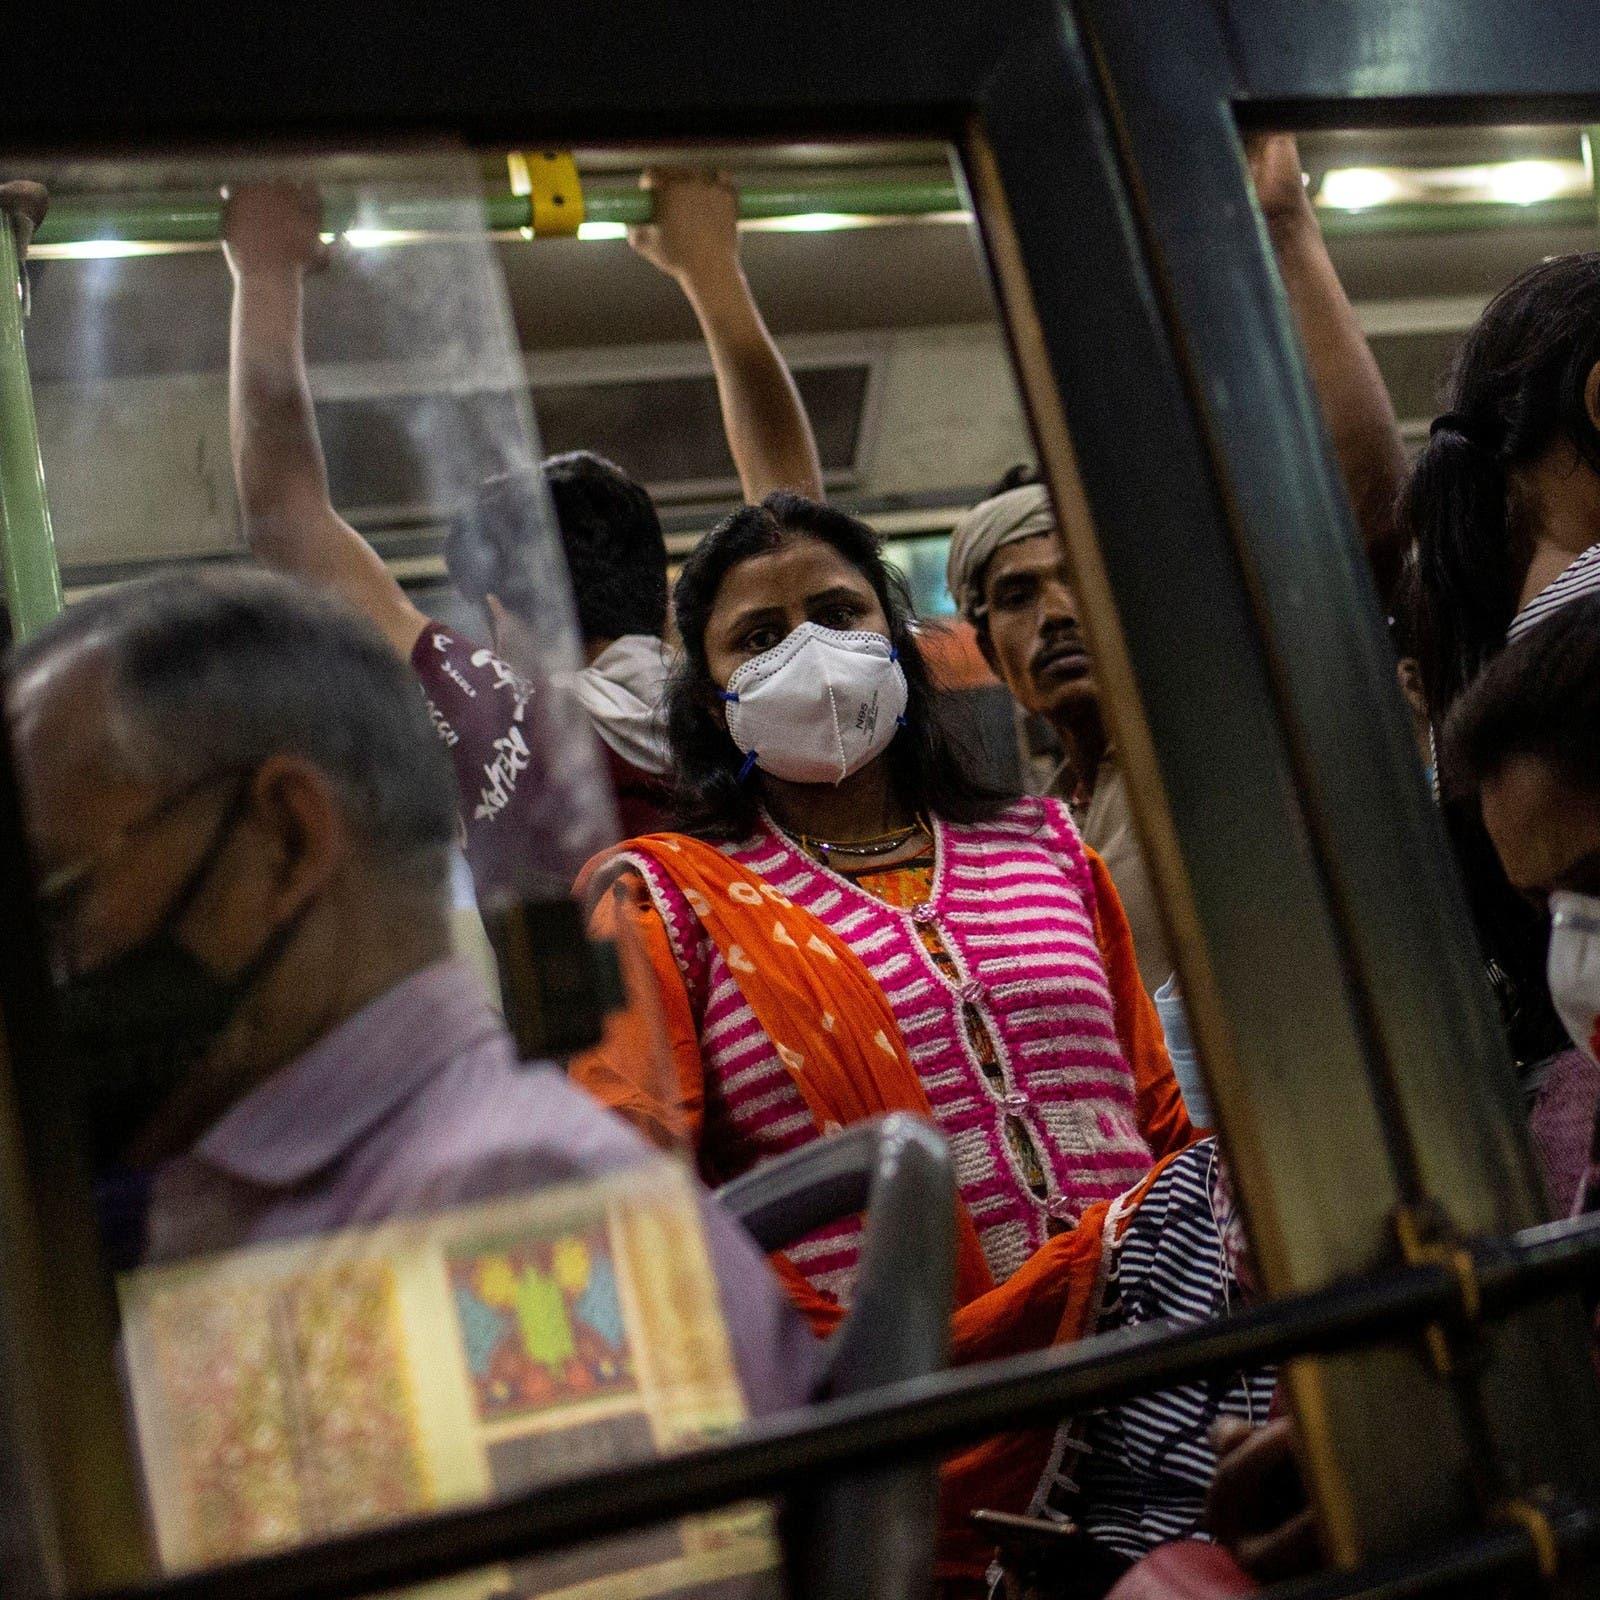 لليوم السابع.. الهند تسجل أكبر قفزة في إصابات كورونا